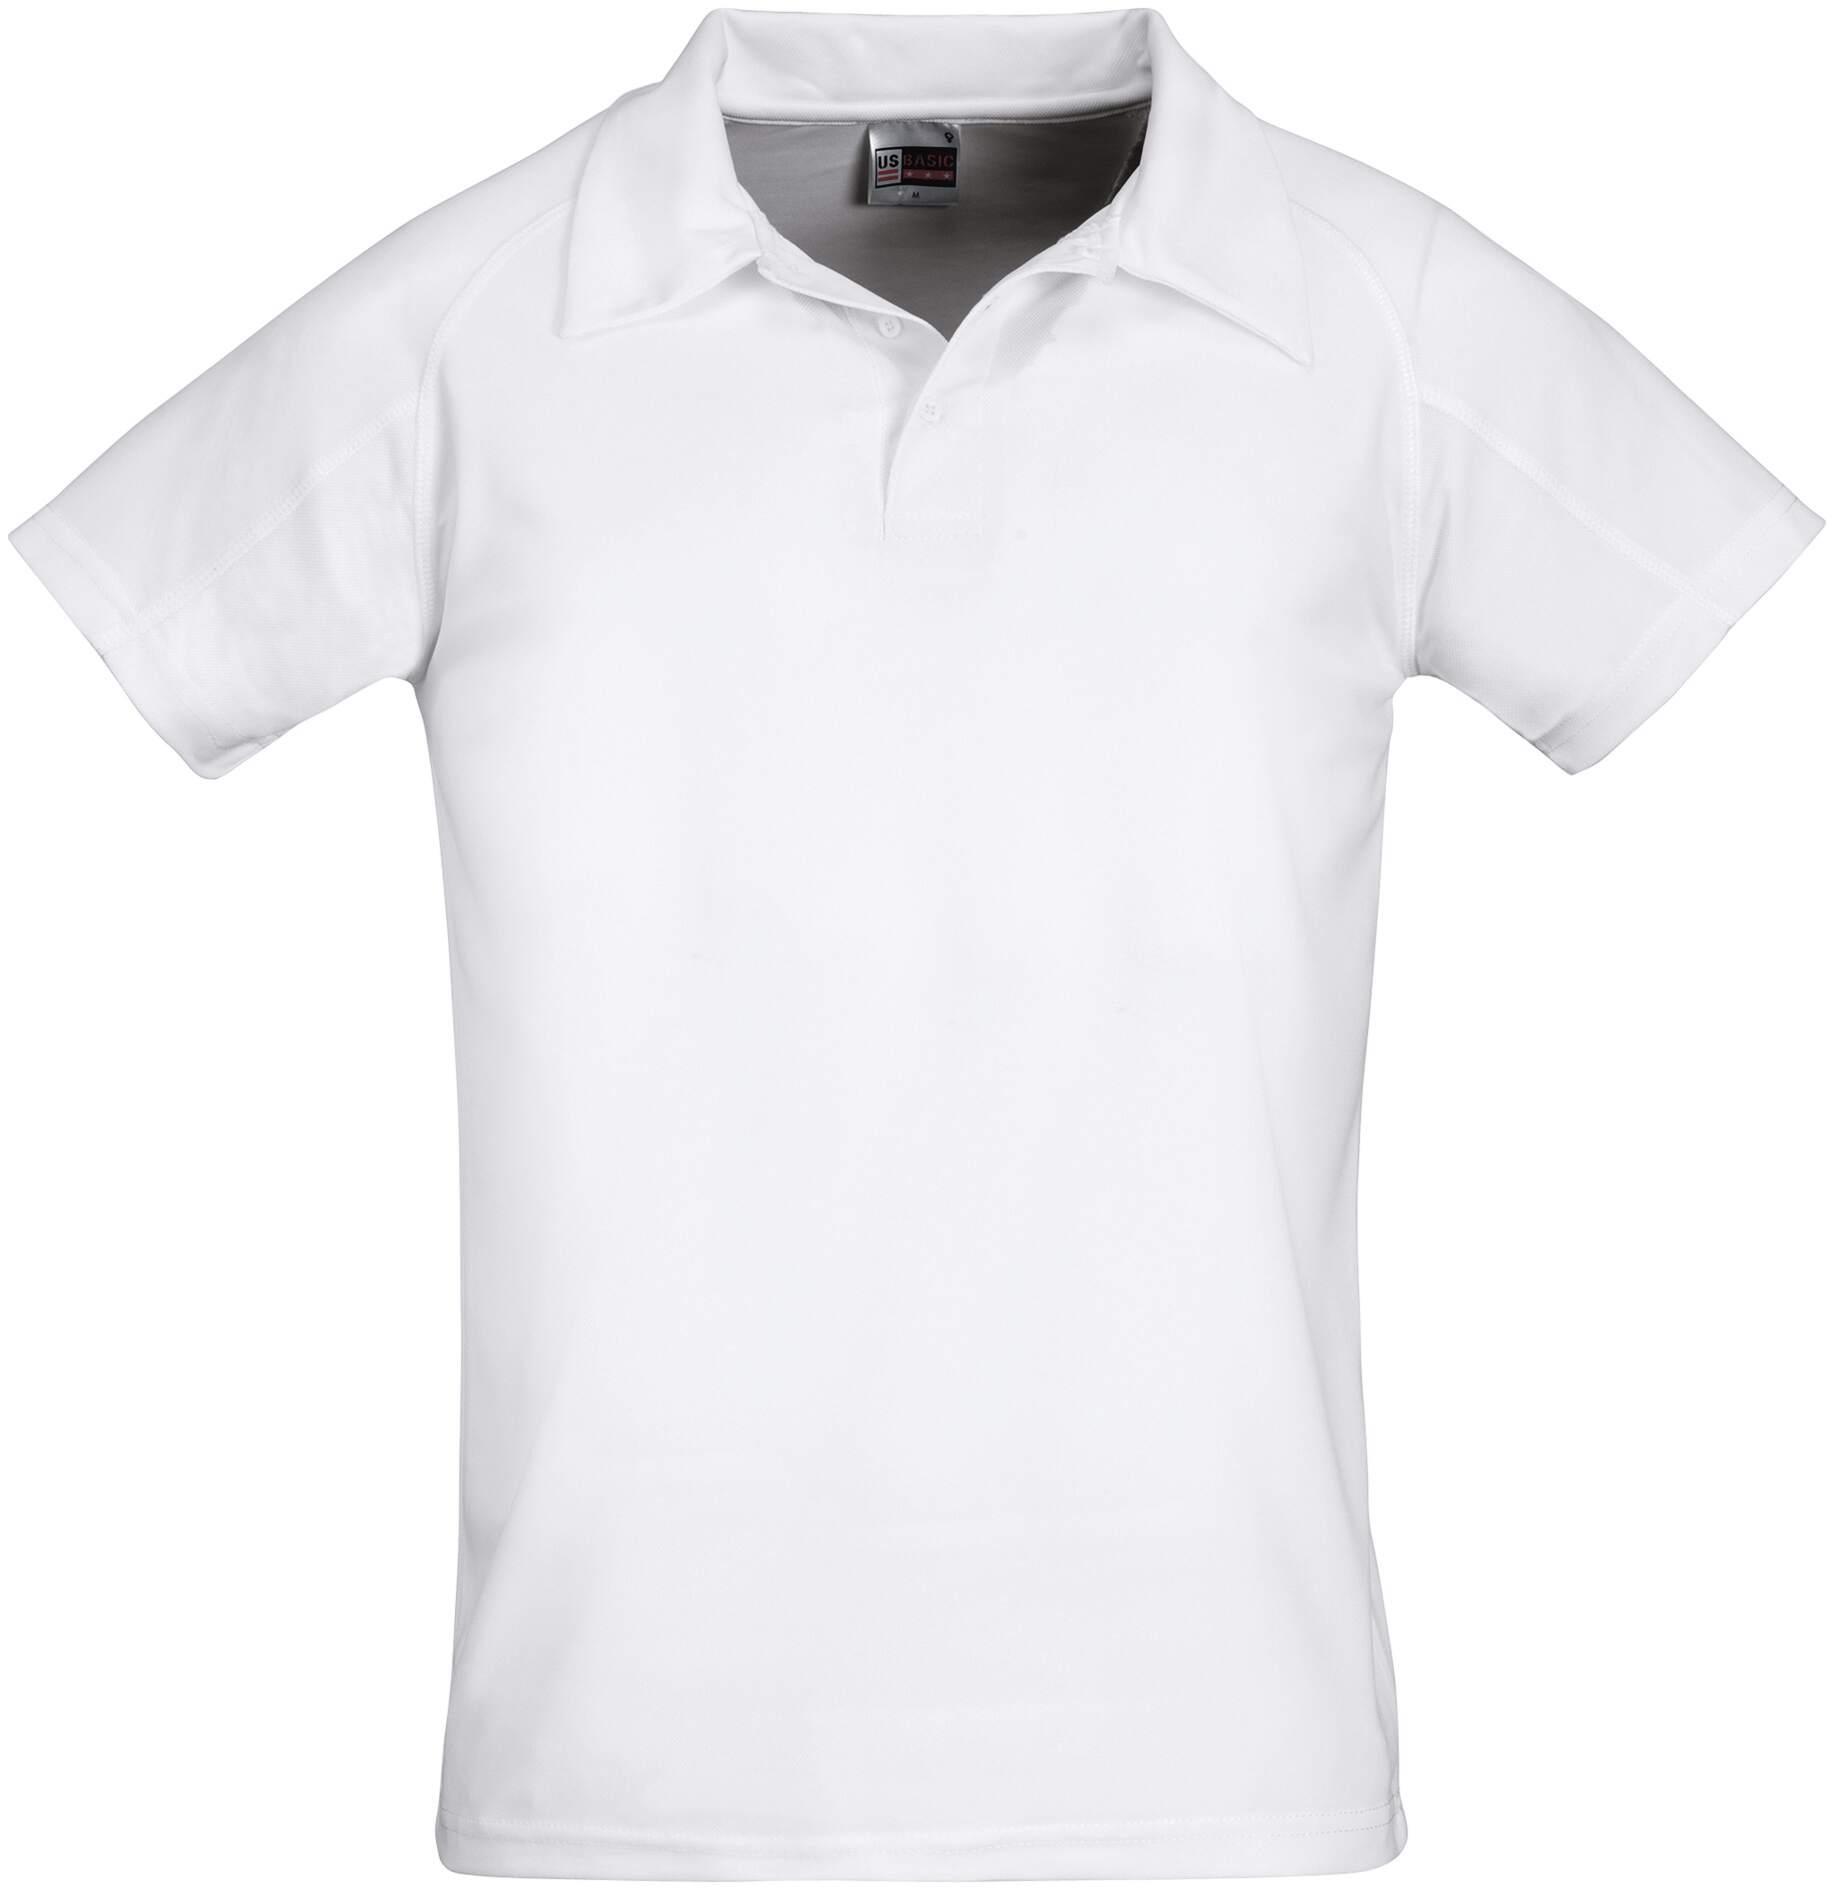 Koszulki Polo US 31098 Cool Fit - 31098_biały_US - Kolor: Biały